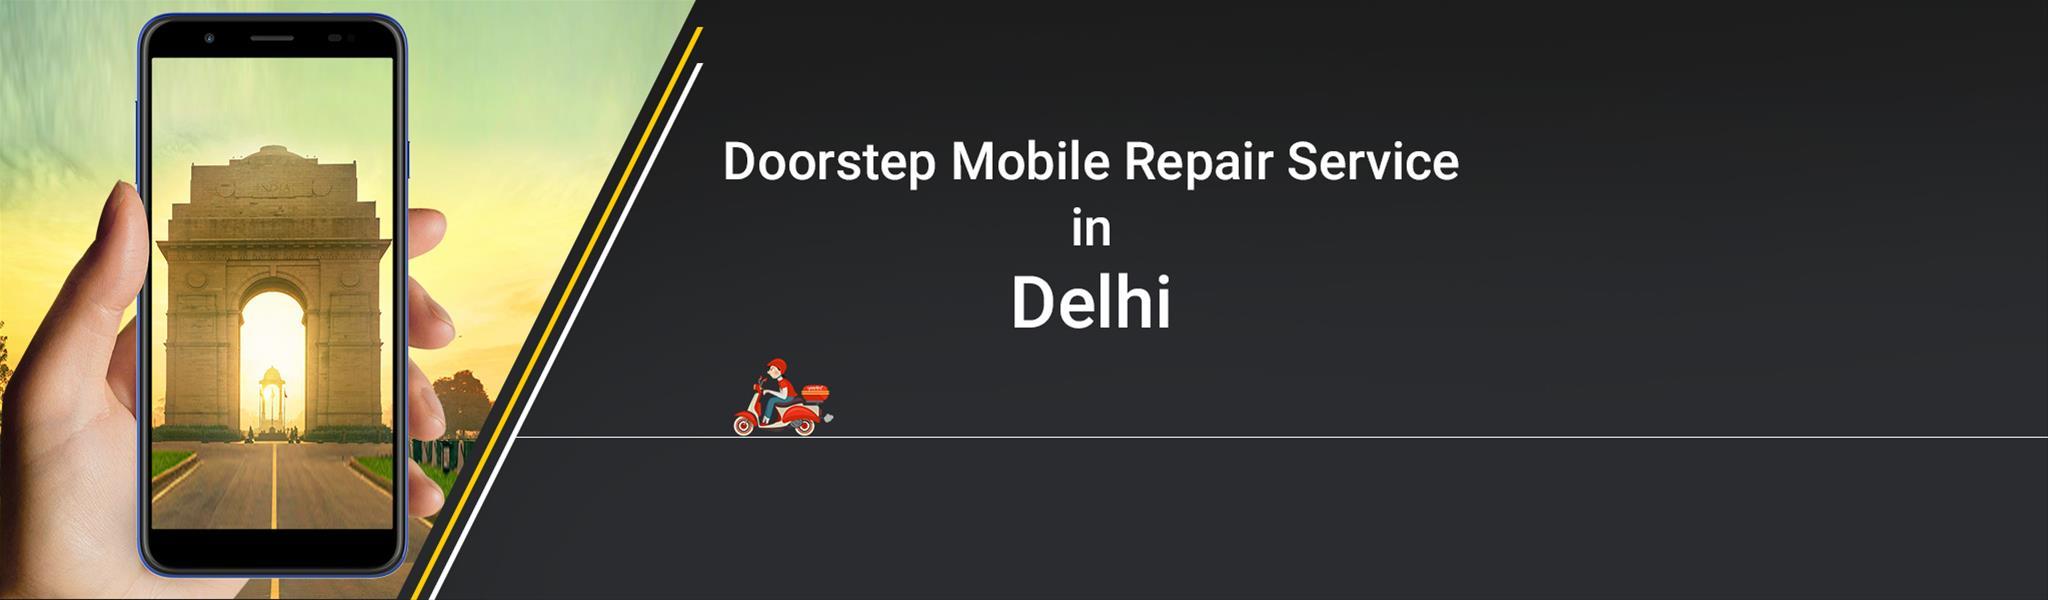 mobile-repair-in-delhi.jpg